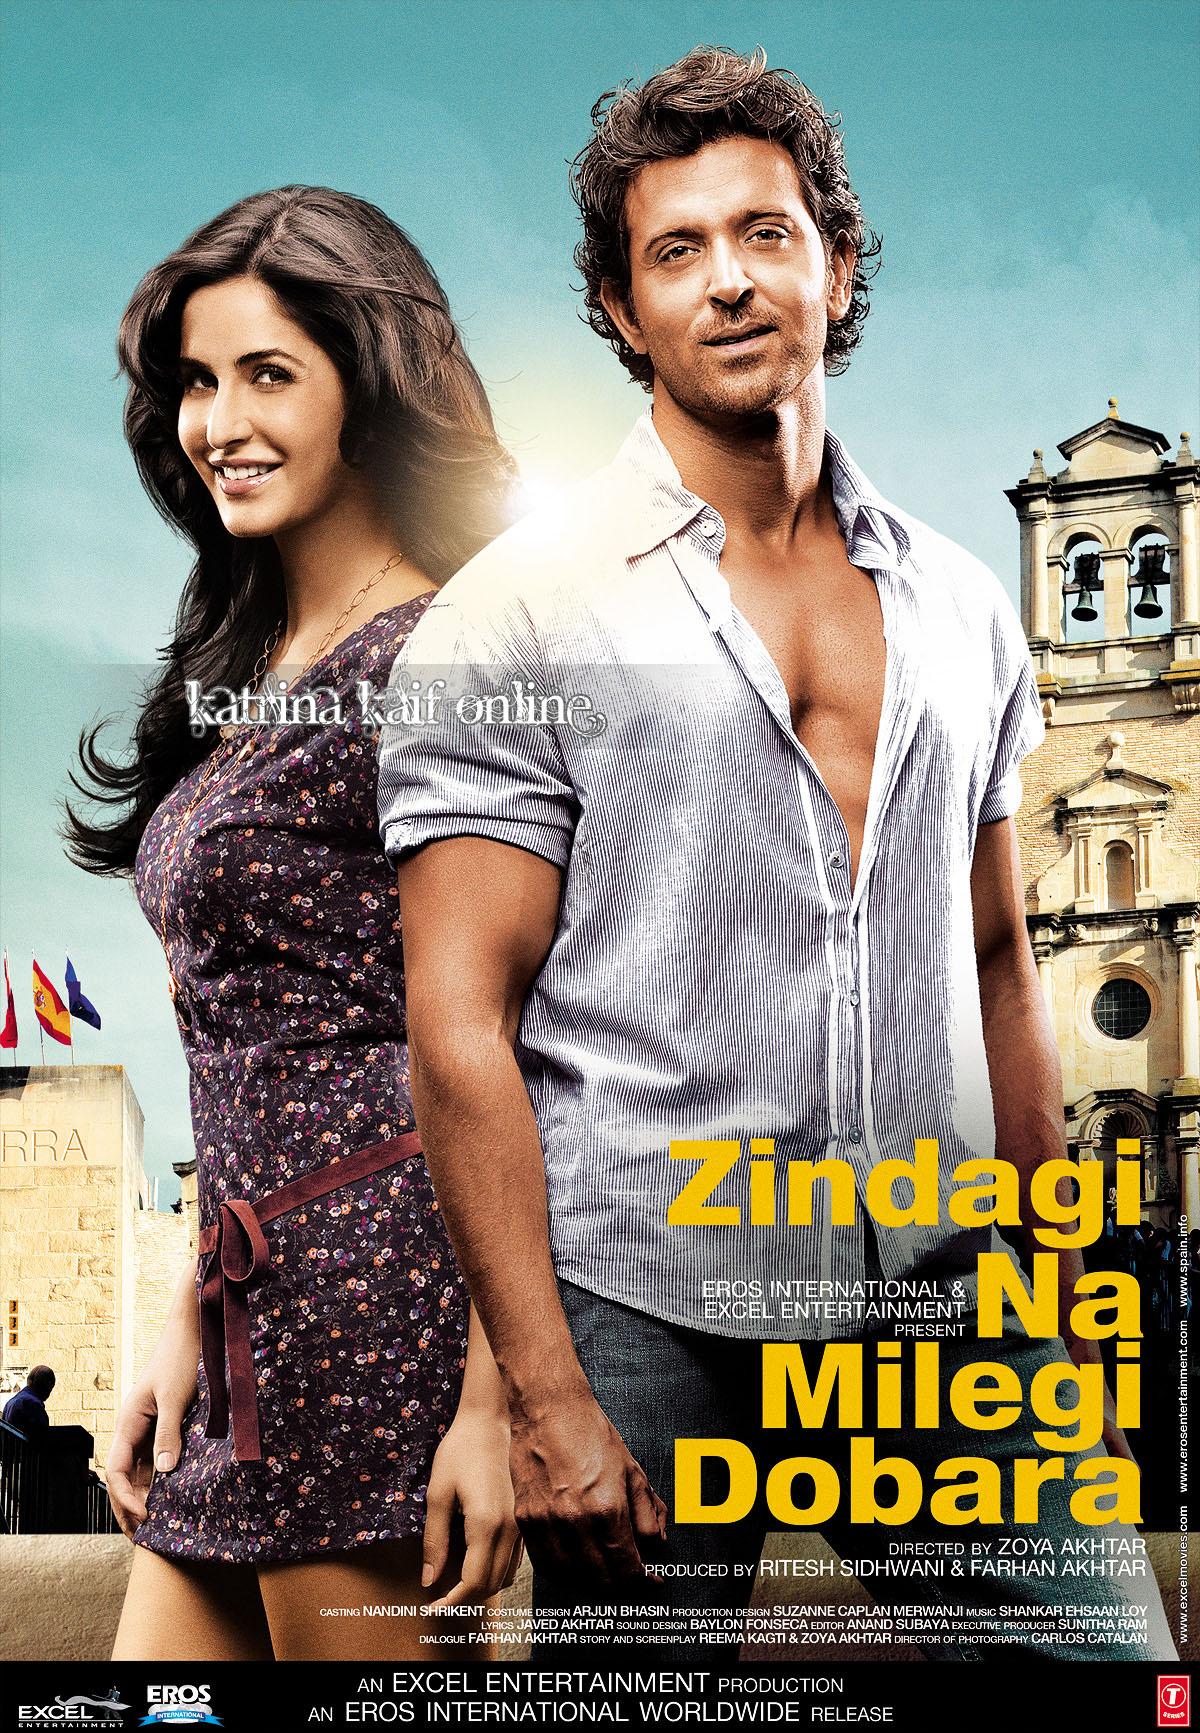 لن تحصل على هذه الحياة مرة أخرى 2011 فيلم Zindagi Na Milegi Dobara الهندي مترجم للعربية + تقرير